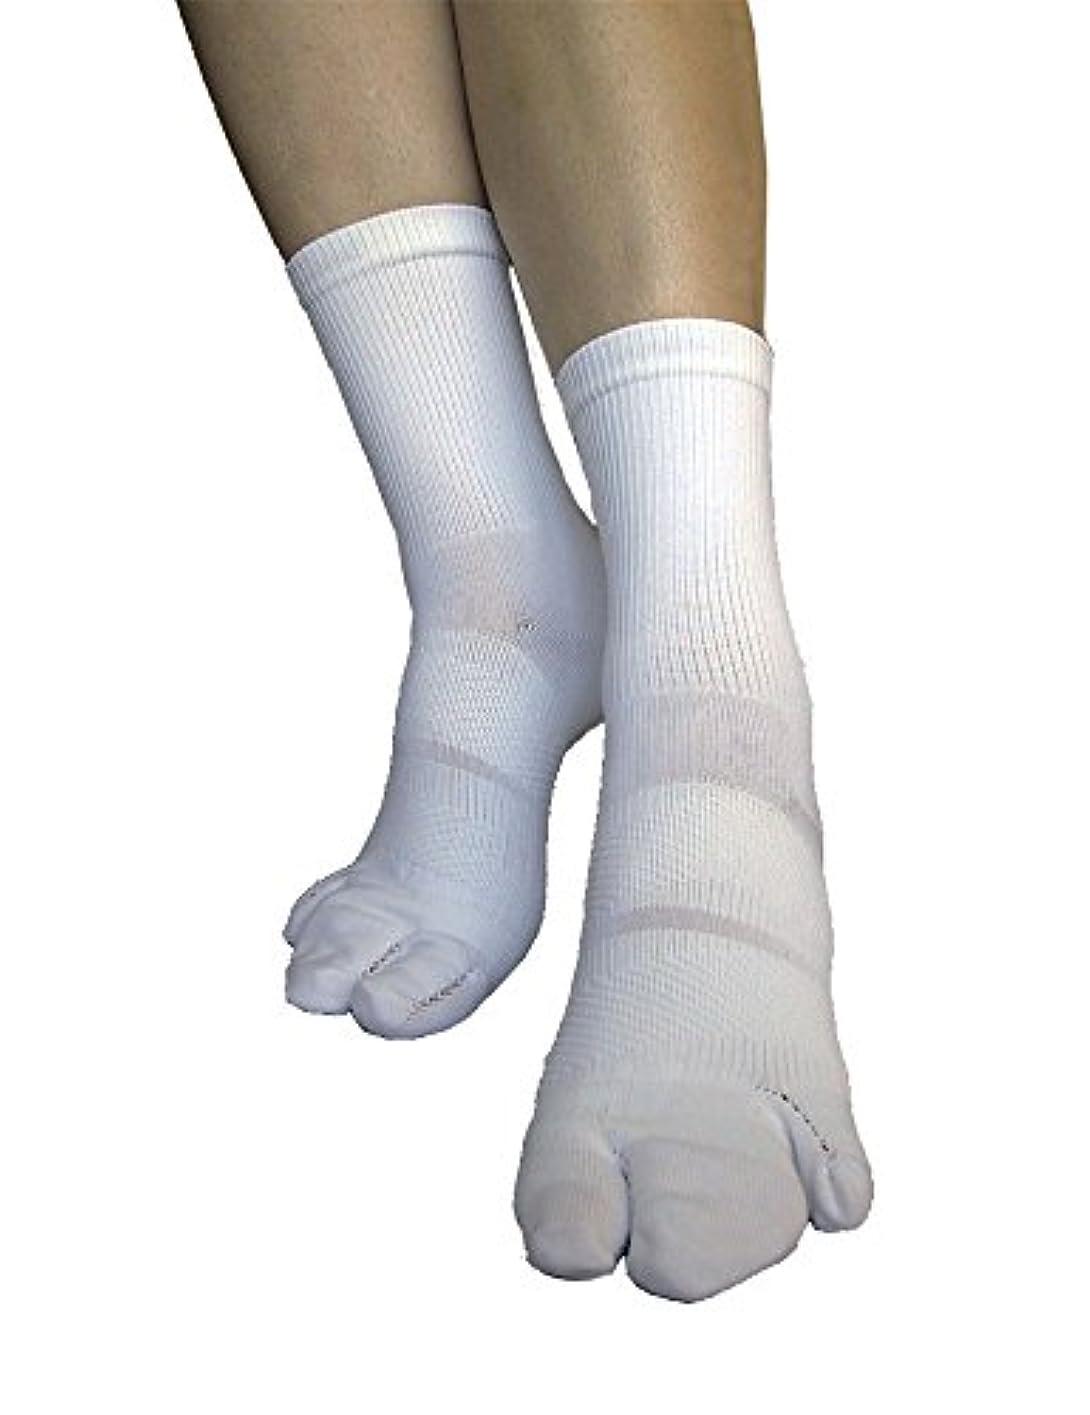 意志に反する九時四十五分コミュニティ外反母趾対策 足首ほっそーり3本指テーピング靴下 L(24-26cm)?ホワイト